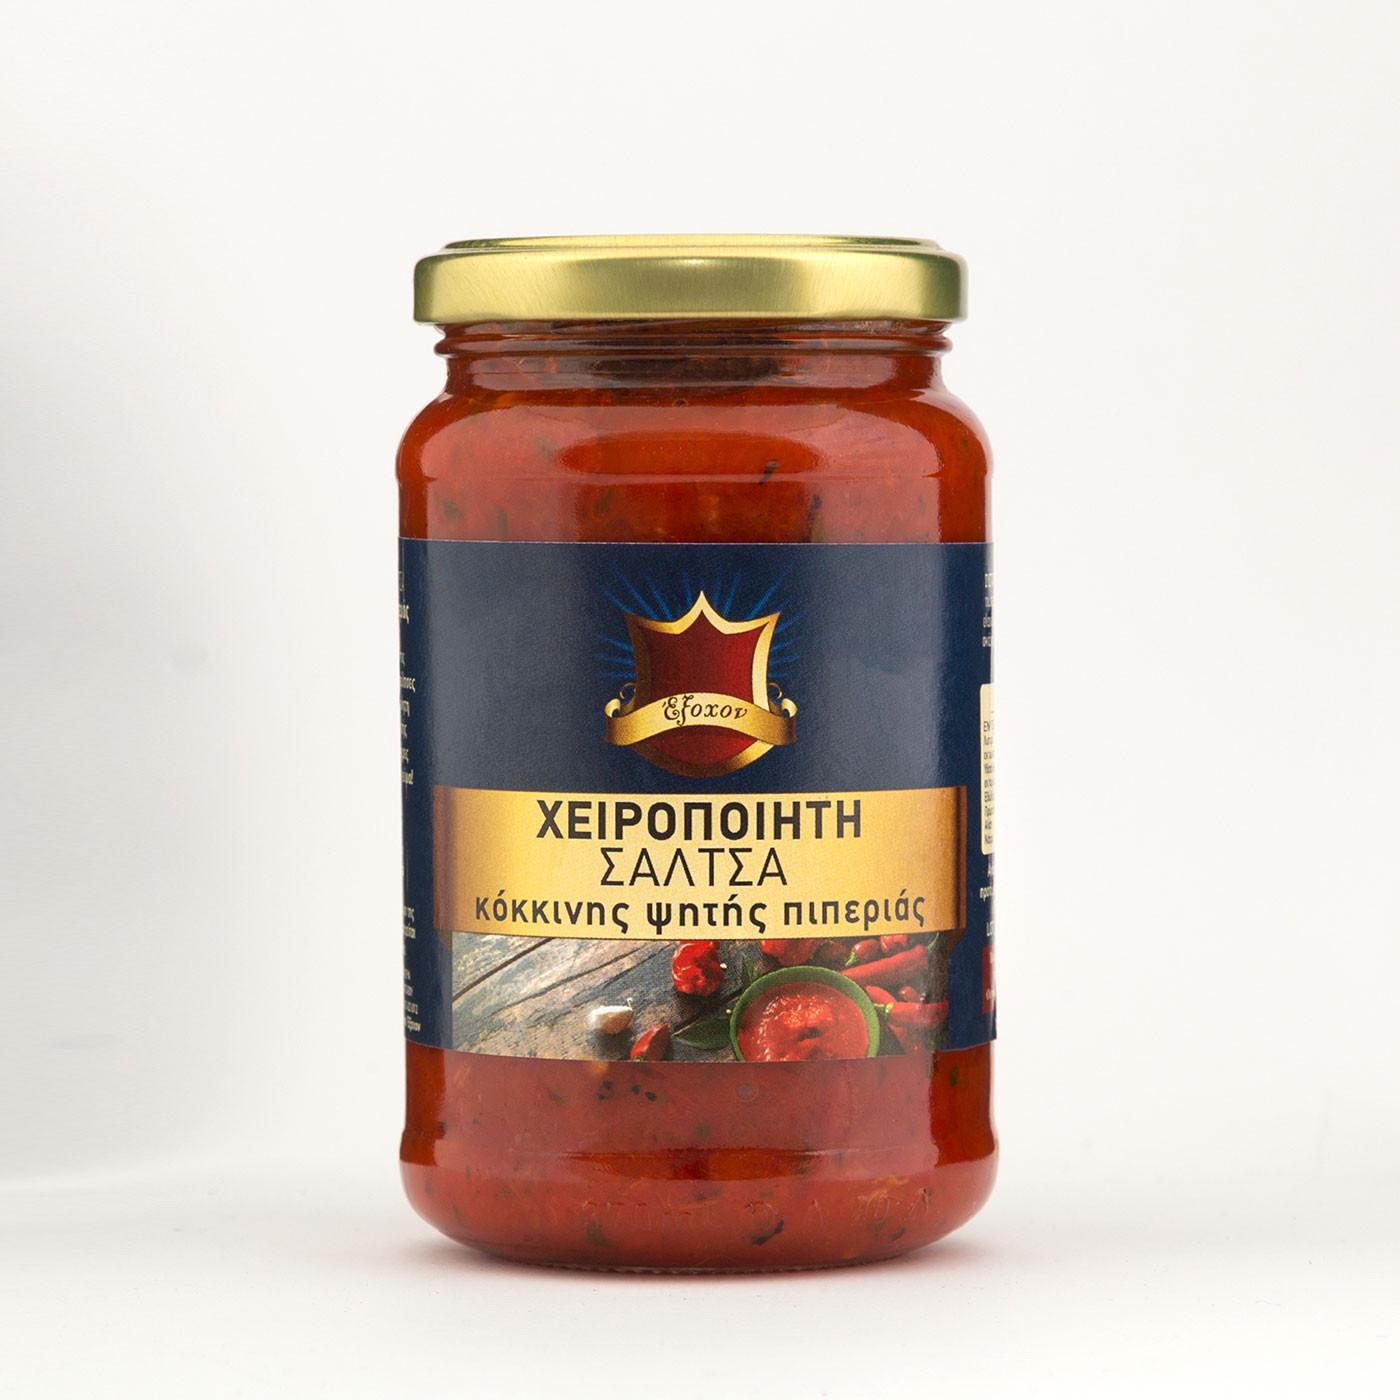 """Σάλτσα Κόκκινης ψητής Πιπεριάς """"Έξοχον"""" 330 g"""